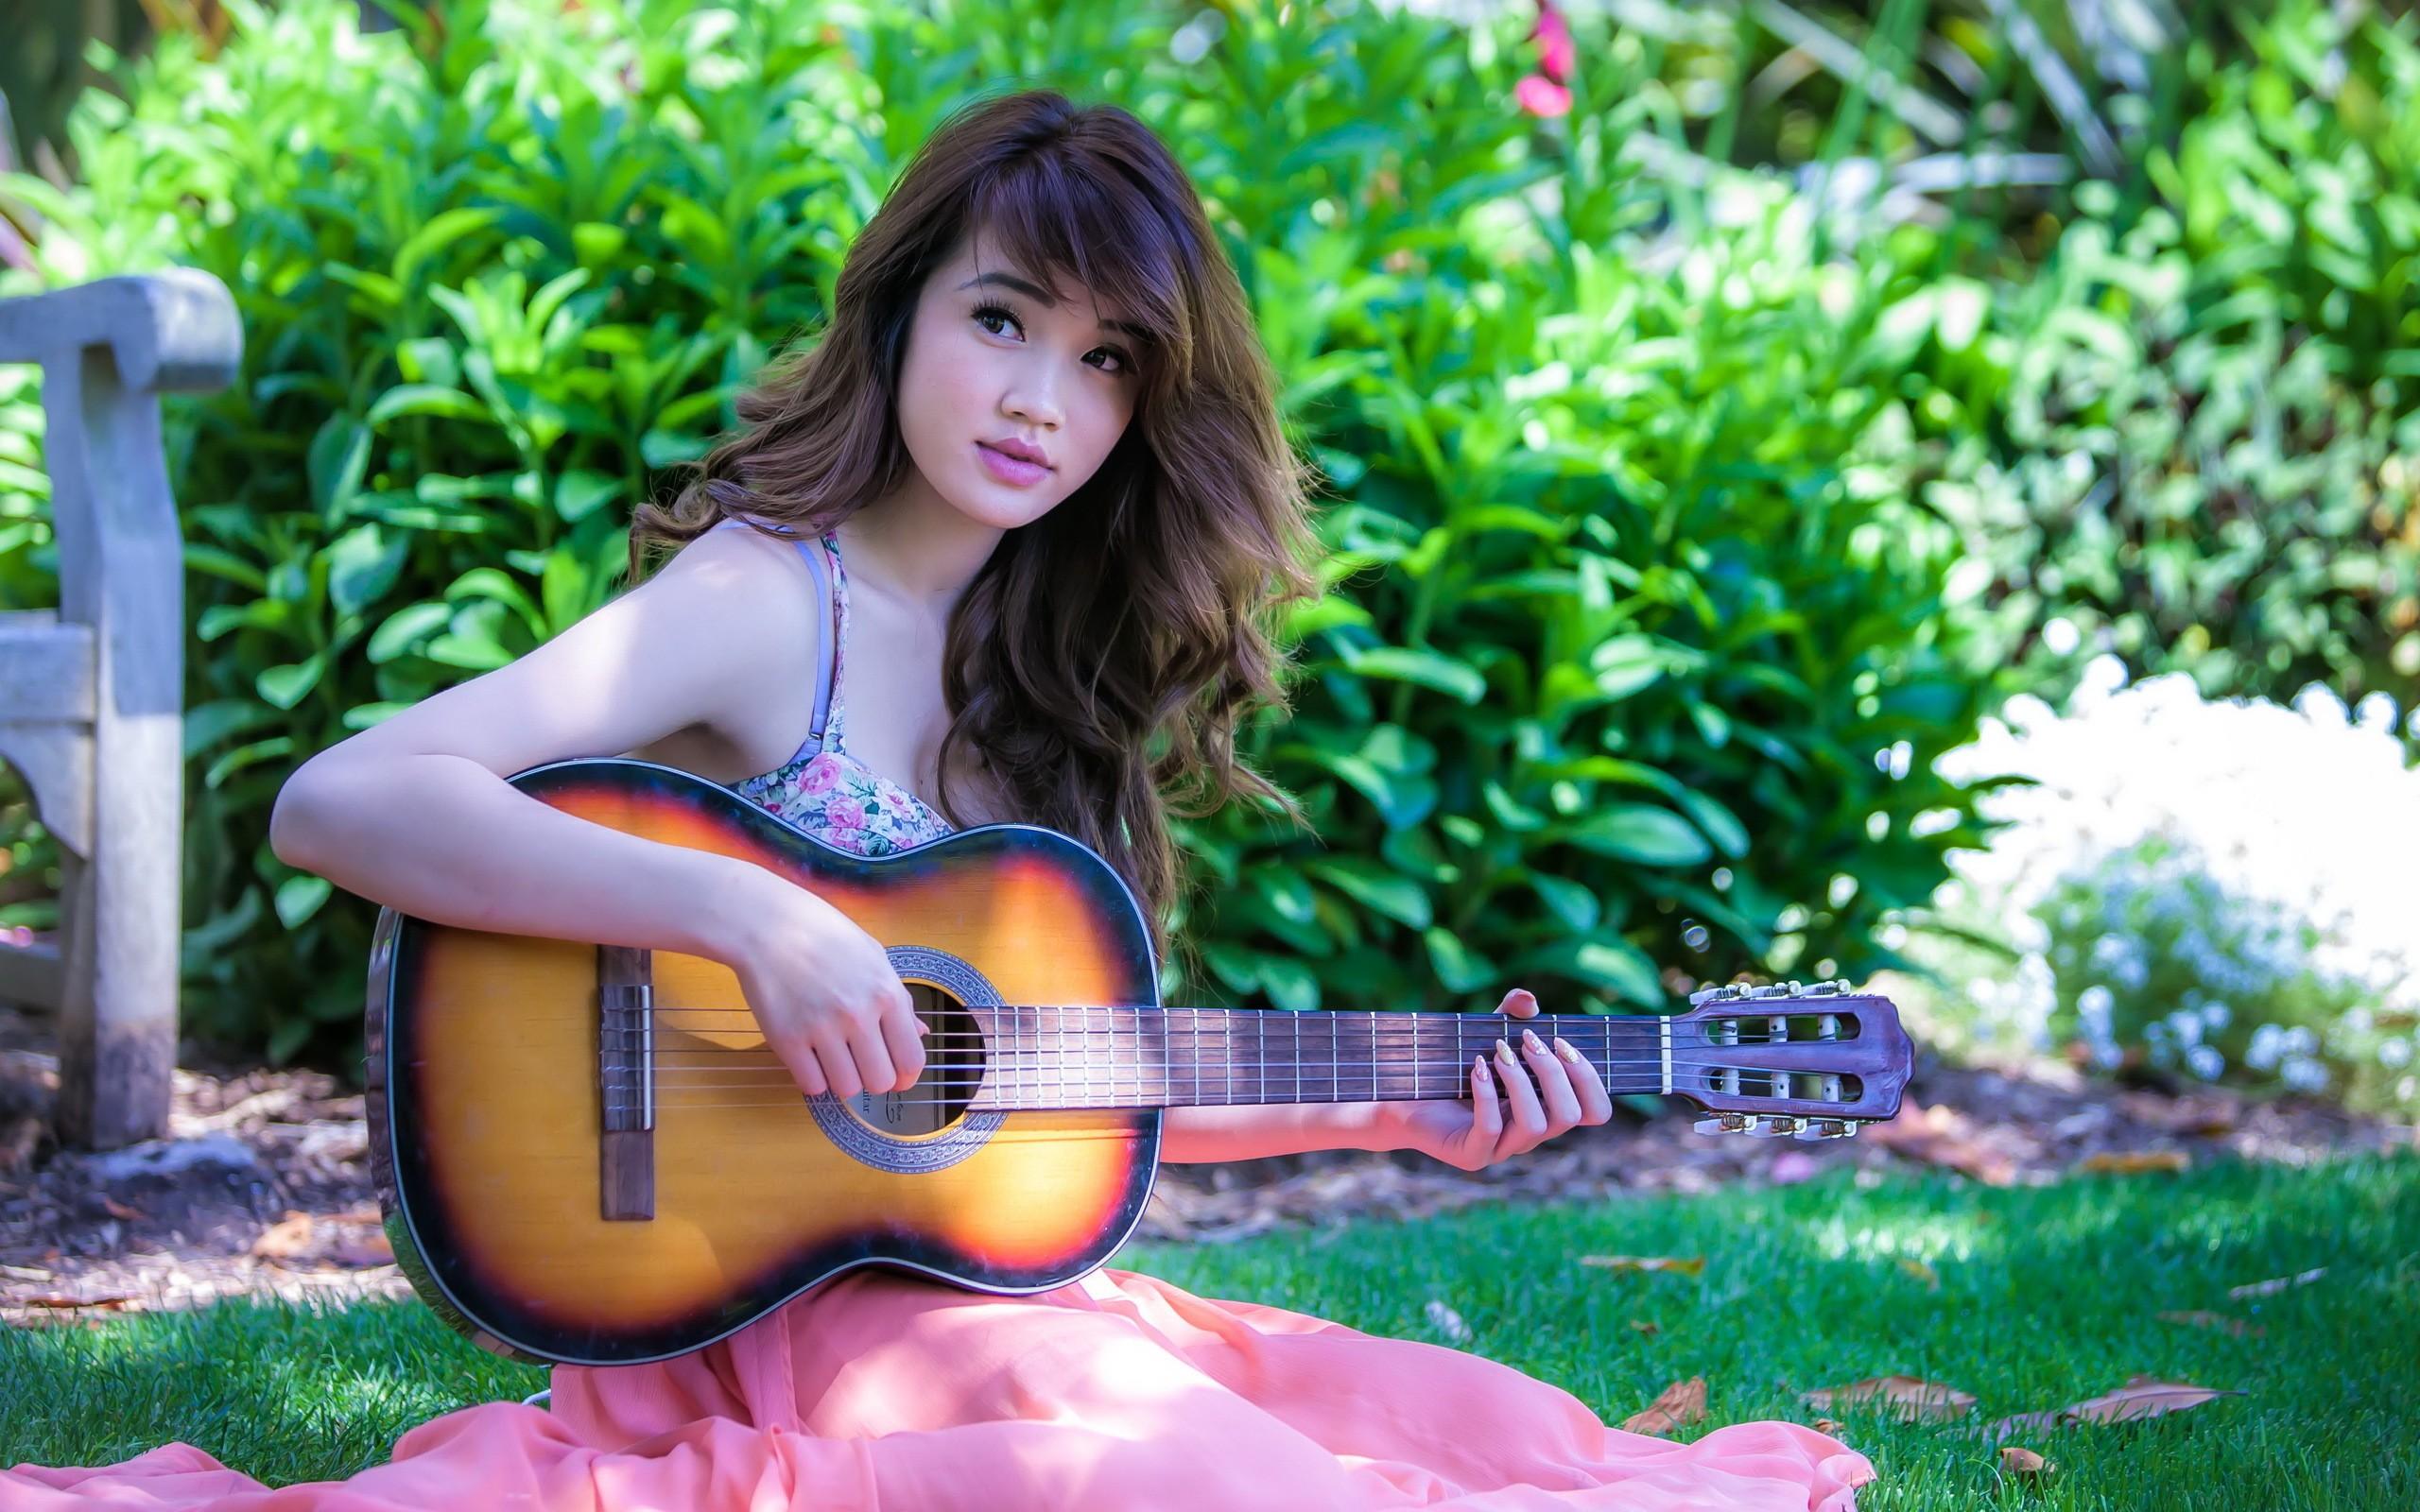 Una asiática con guitarra - 2560x1600